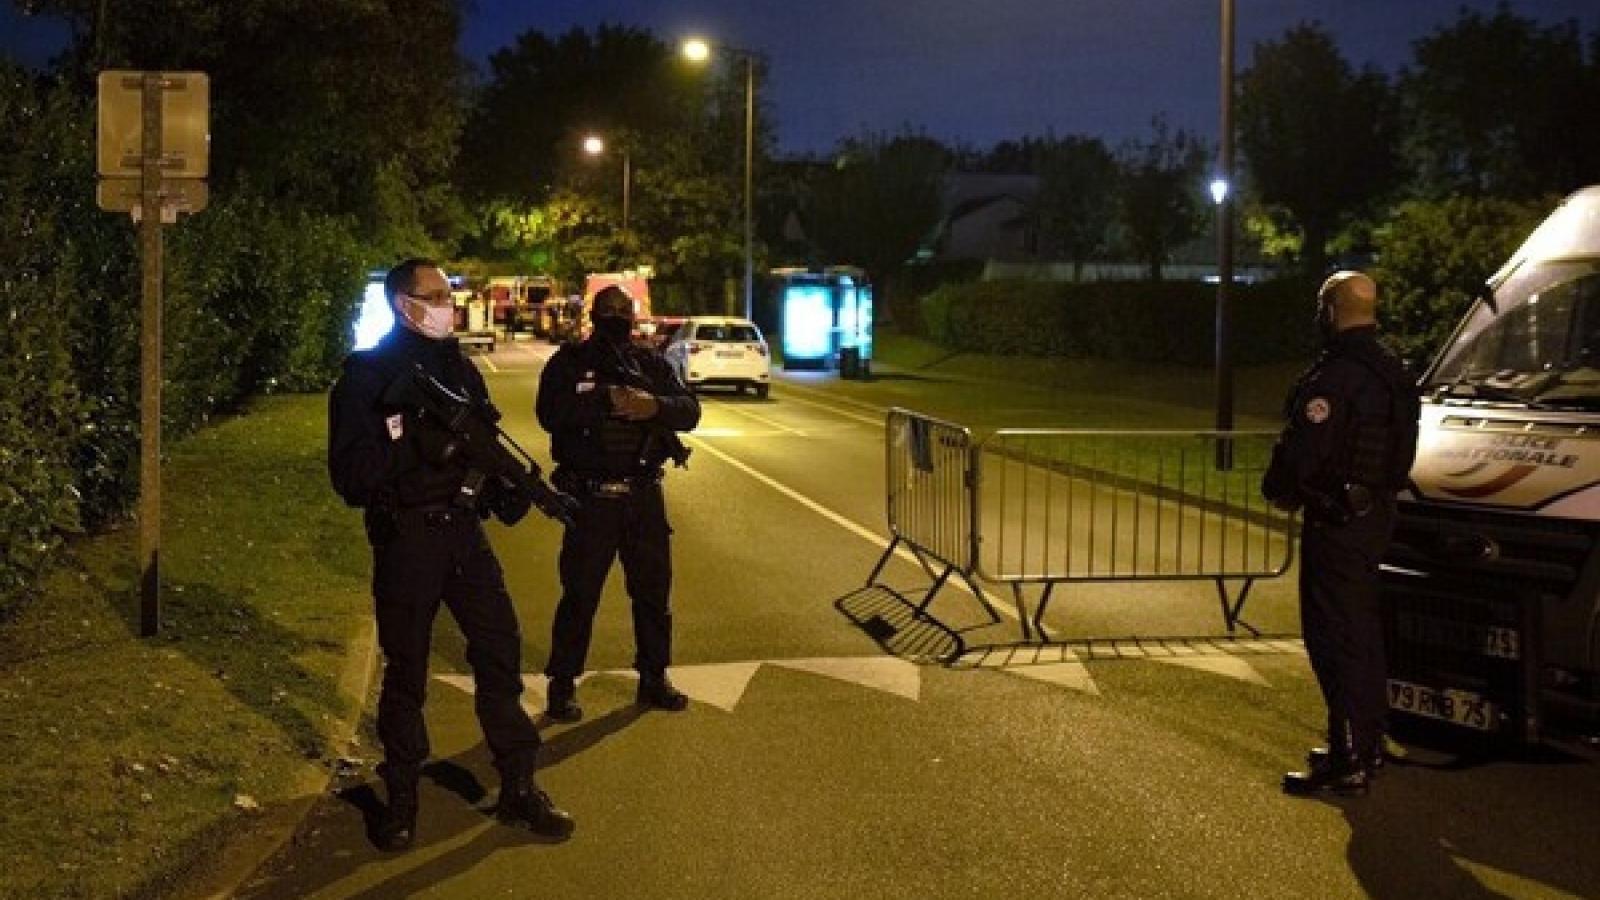 Nước Pháp và mối họa lâu dài của chủ nghĩa Hồi giáo cực đoan